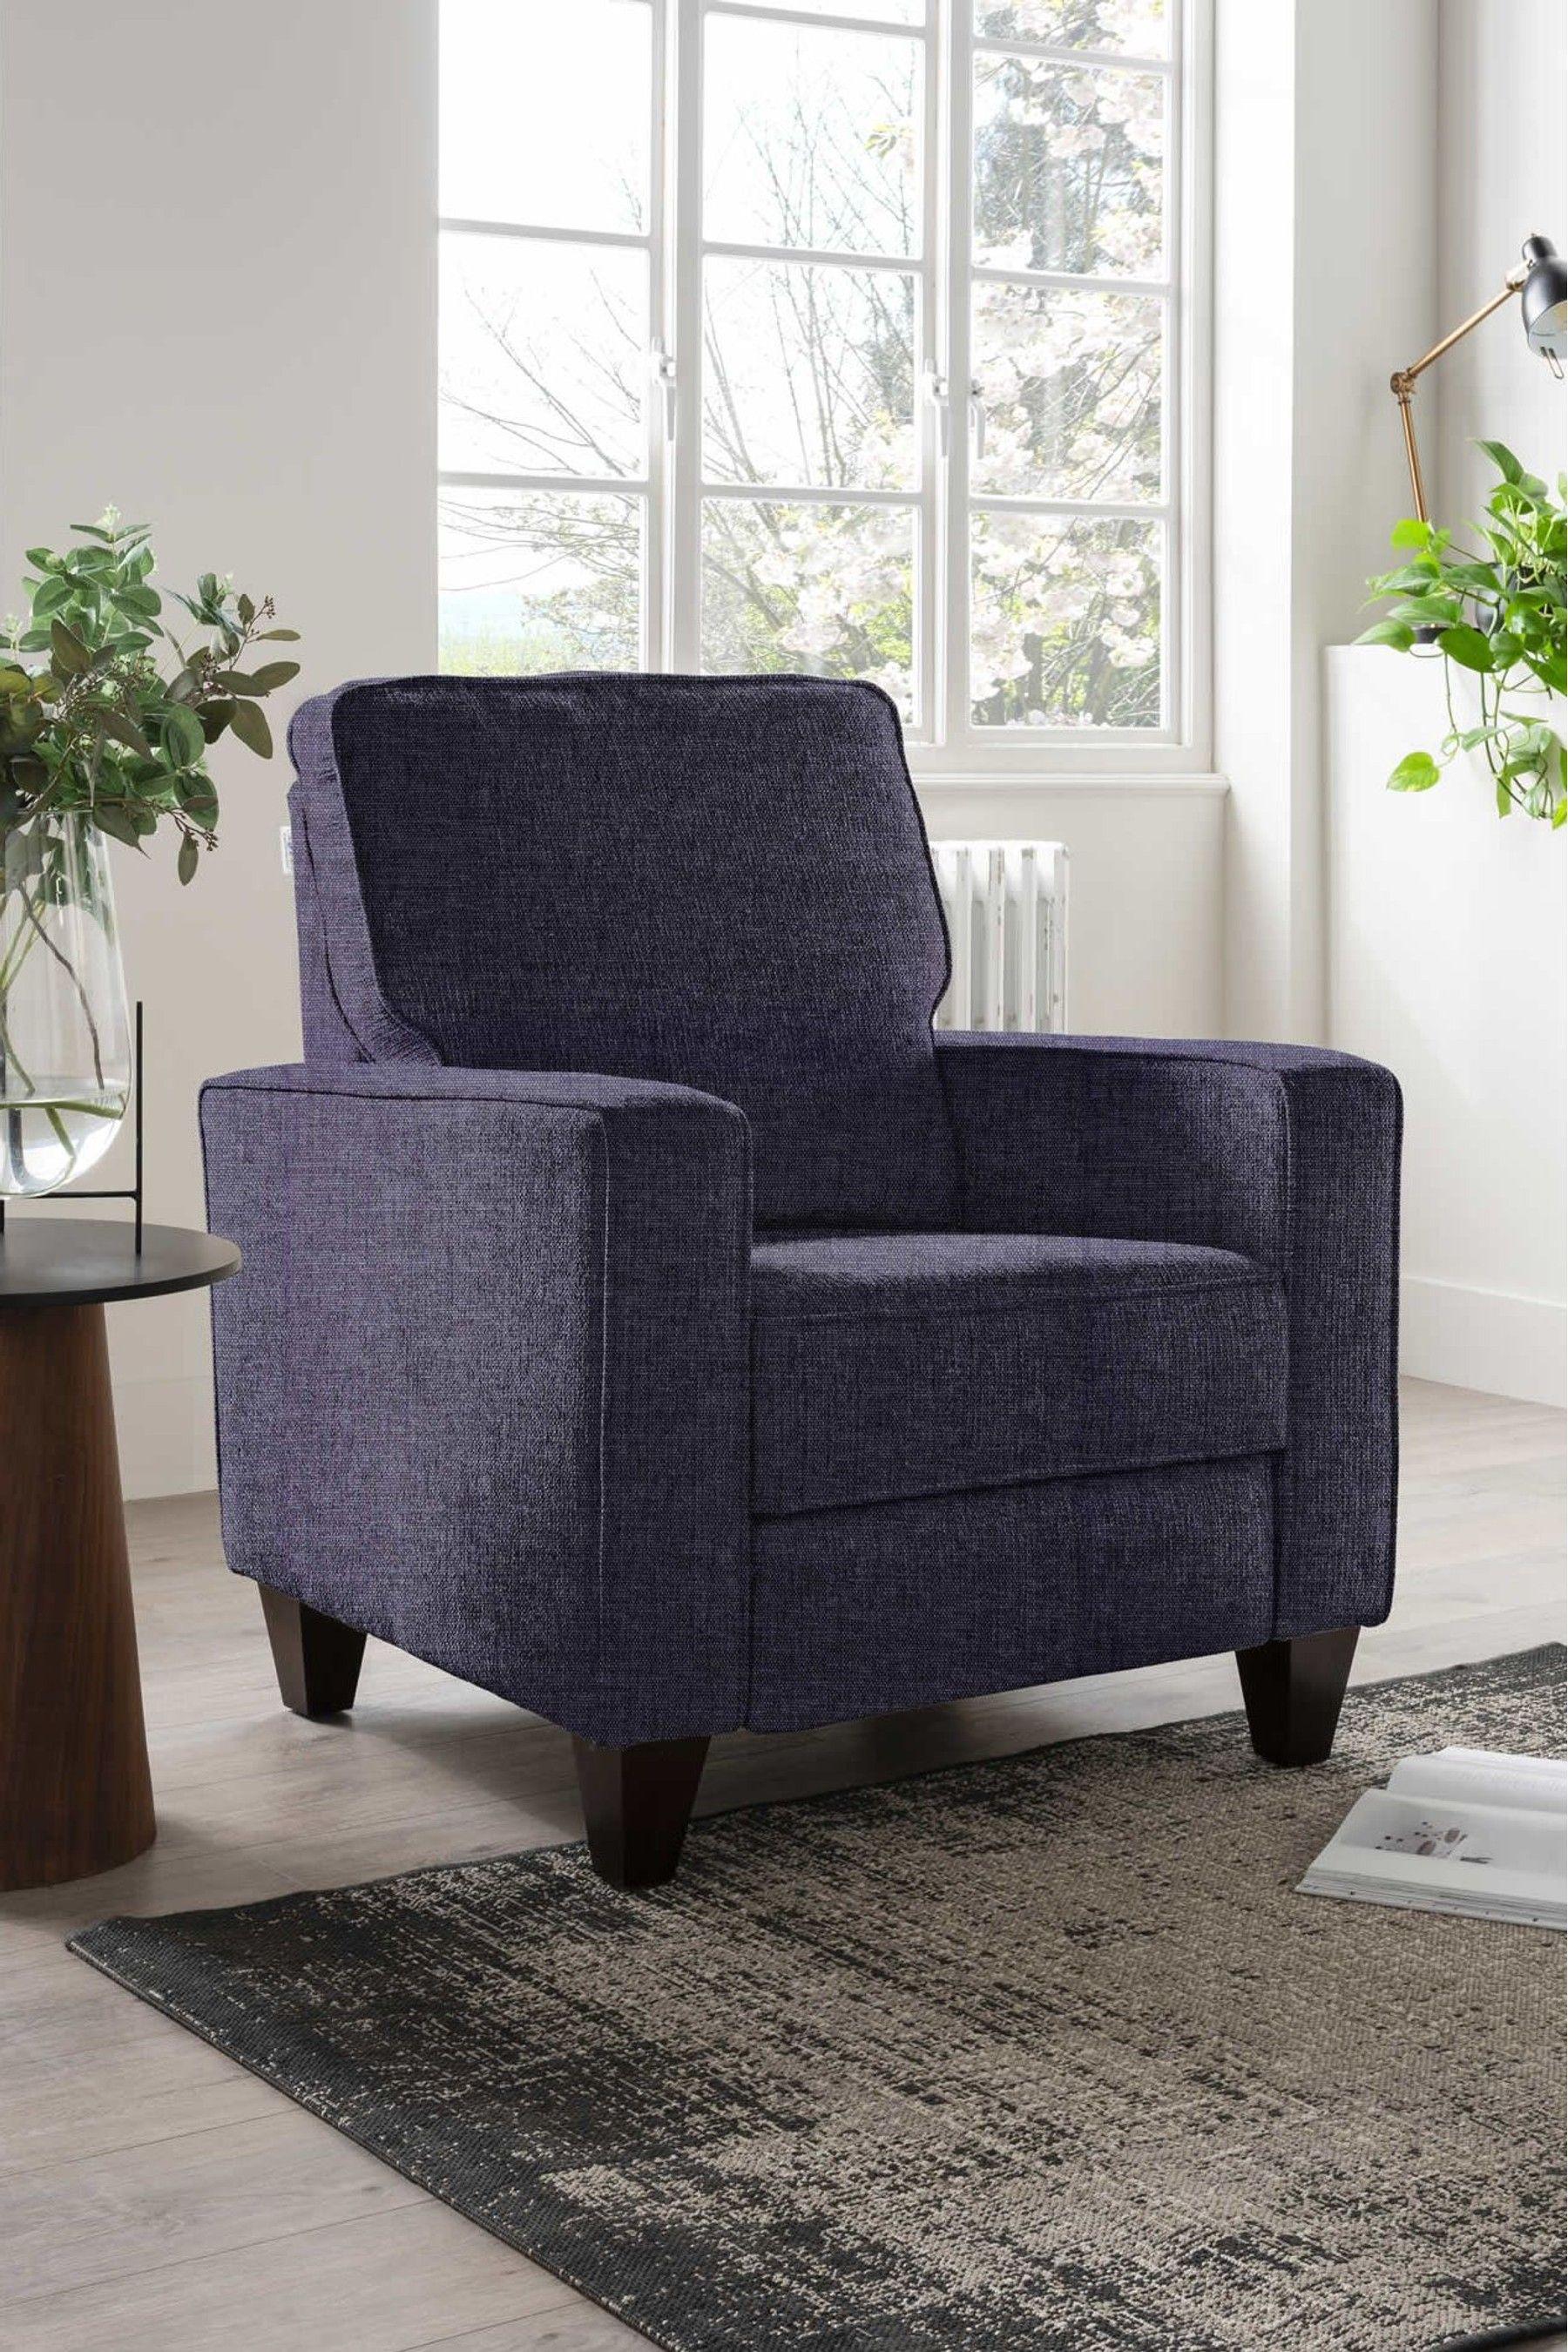 Sadie Recliner Chair By La Z Boy Chair Recliner La Z Boy